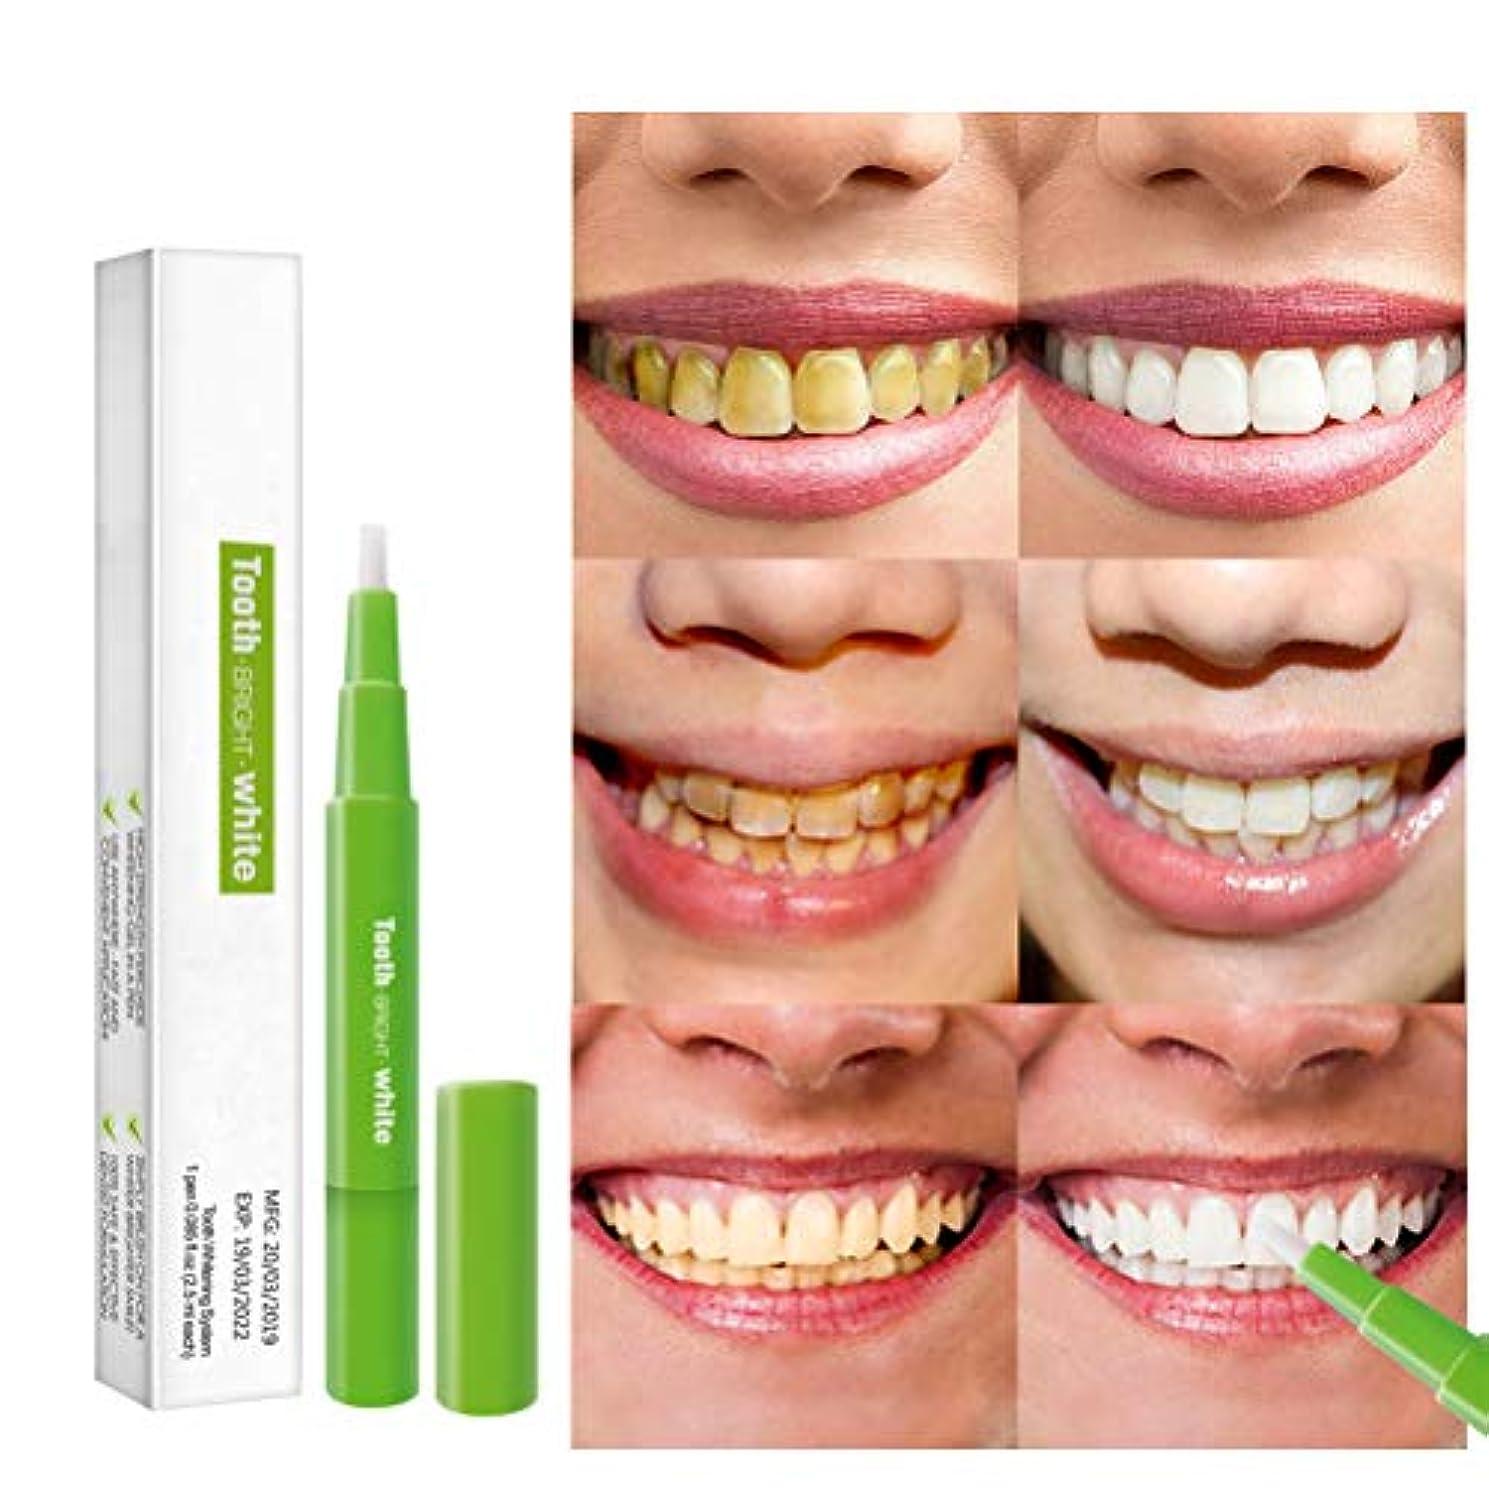 しないでください管理聡明Creacom 歯 ホワイトニング ペン 美白歯ゲル 歯 ホワイトニングペン ホワイトニングペン 歯ブラシ 輝く笑顔 口臭防止 歯周病防止 口腔衛生 携帯便利 安全性 口腔洗浄ツール 輝かしい笑顔を見せる